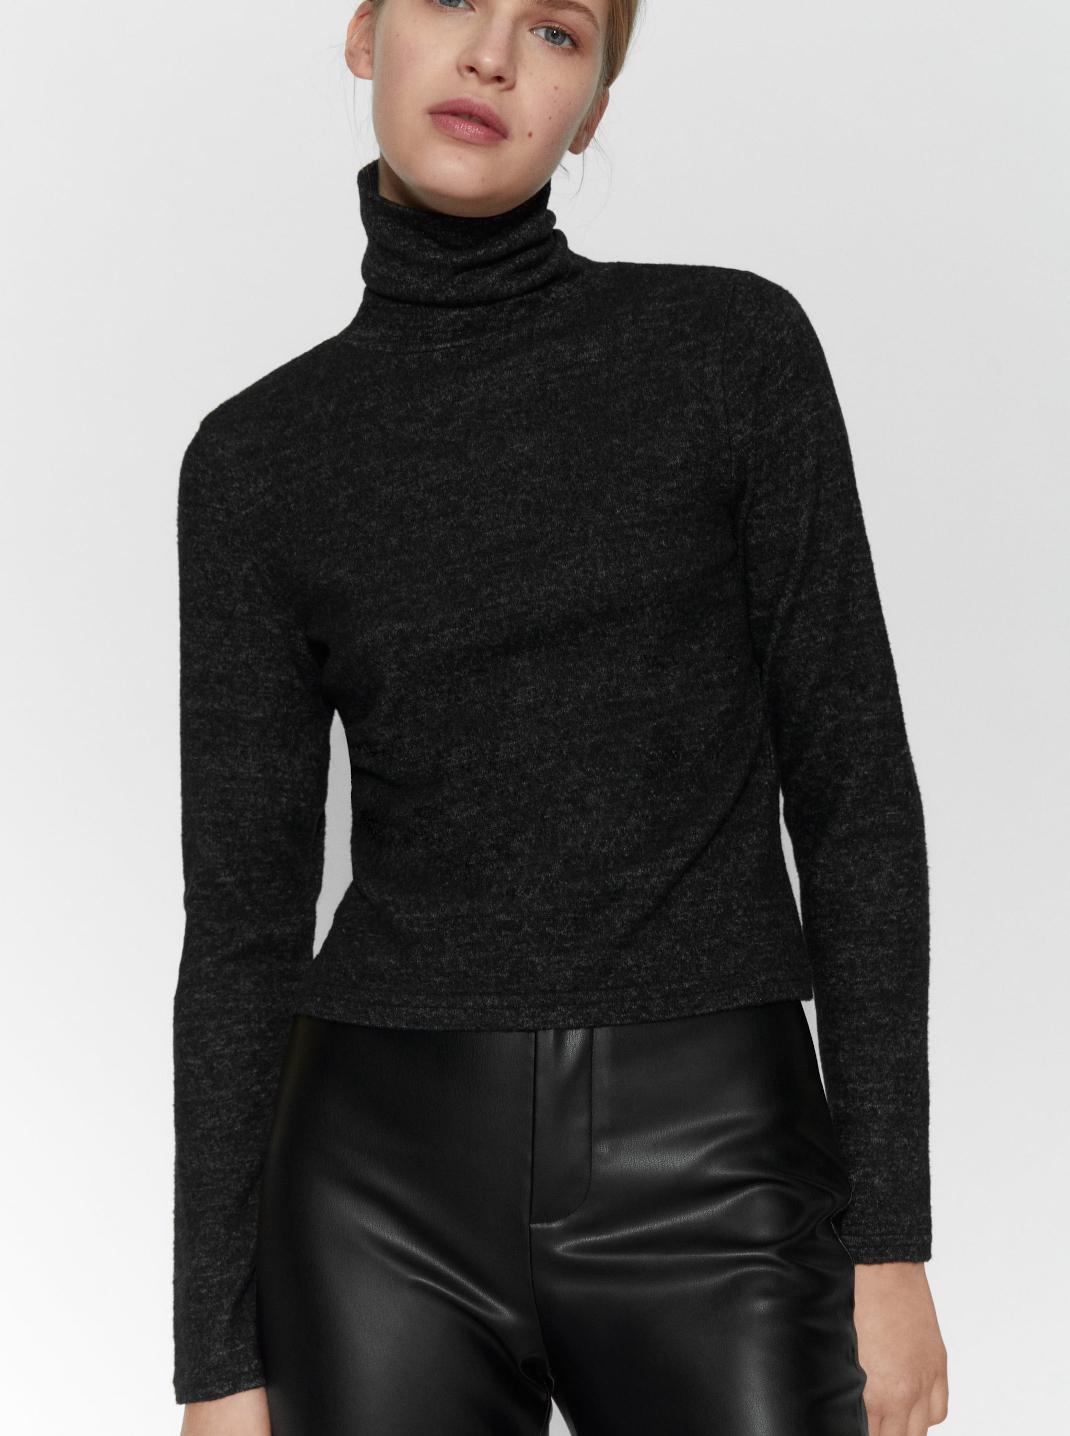 γυναίκα με μαύρο τοπ Zara